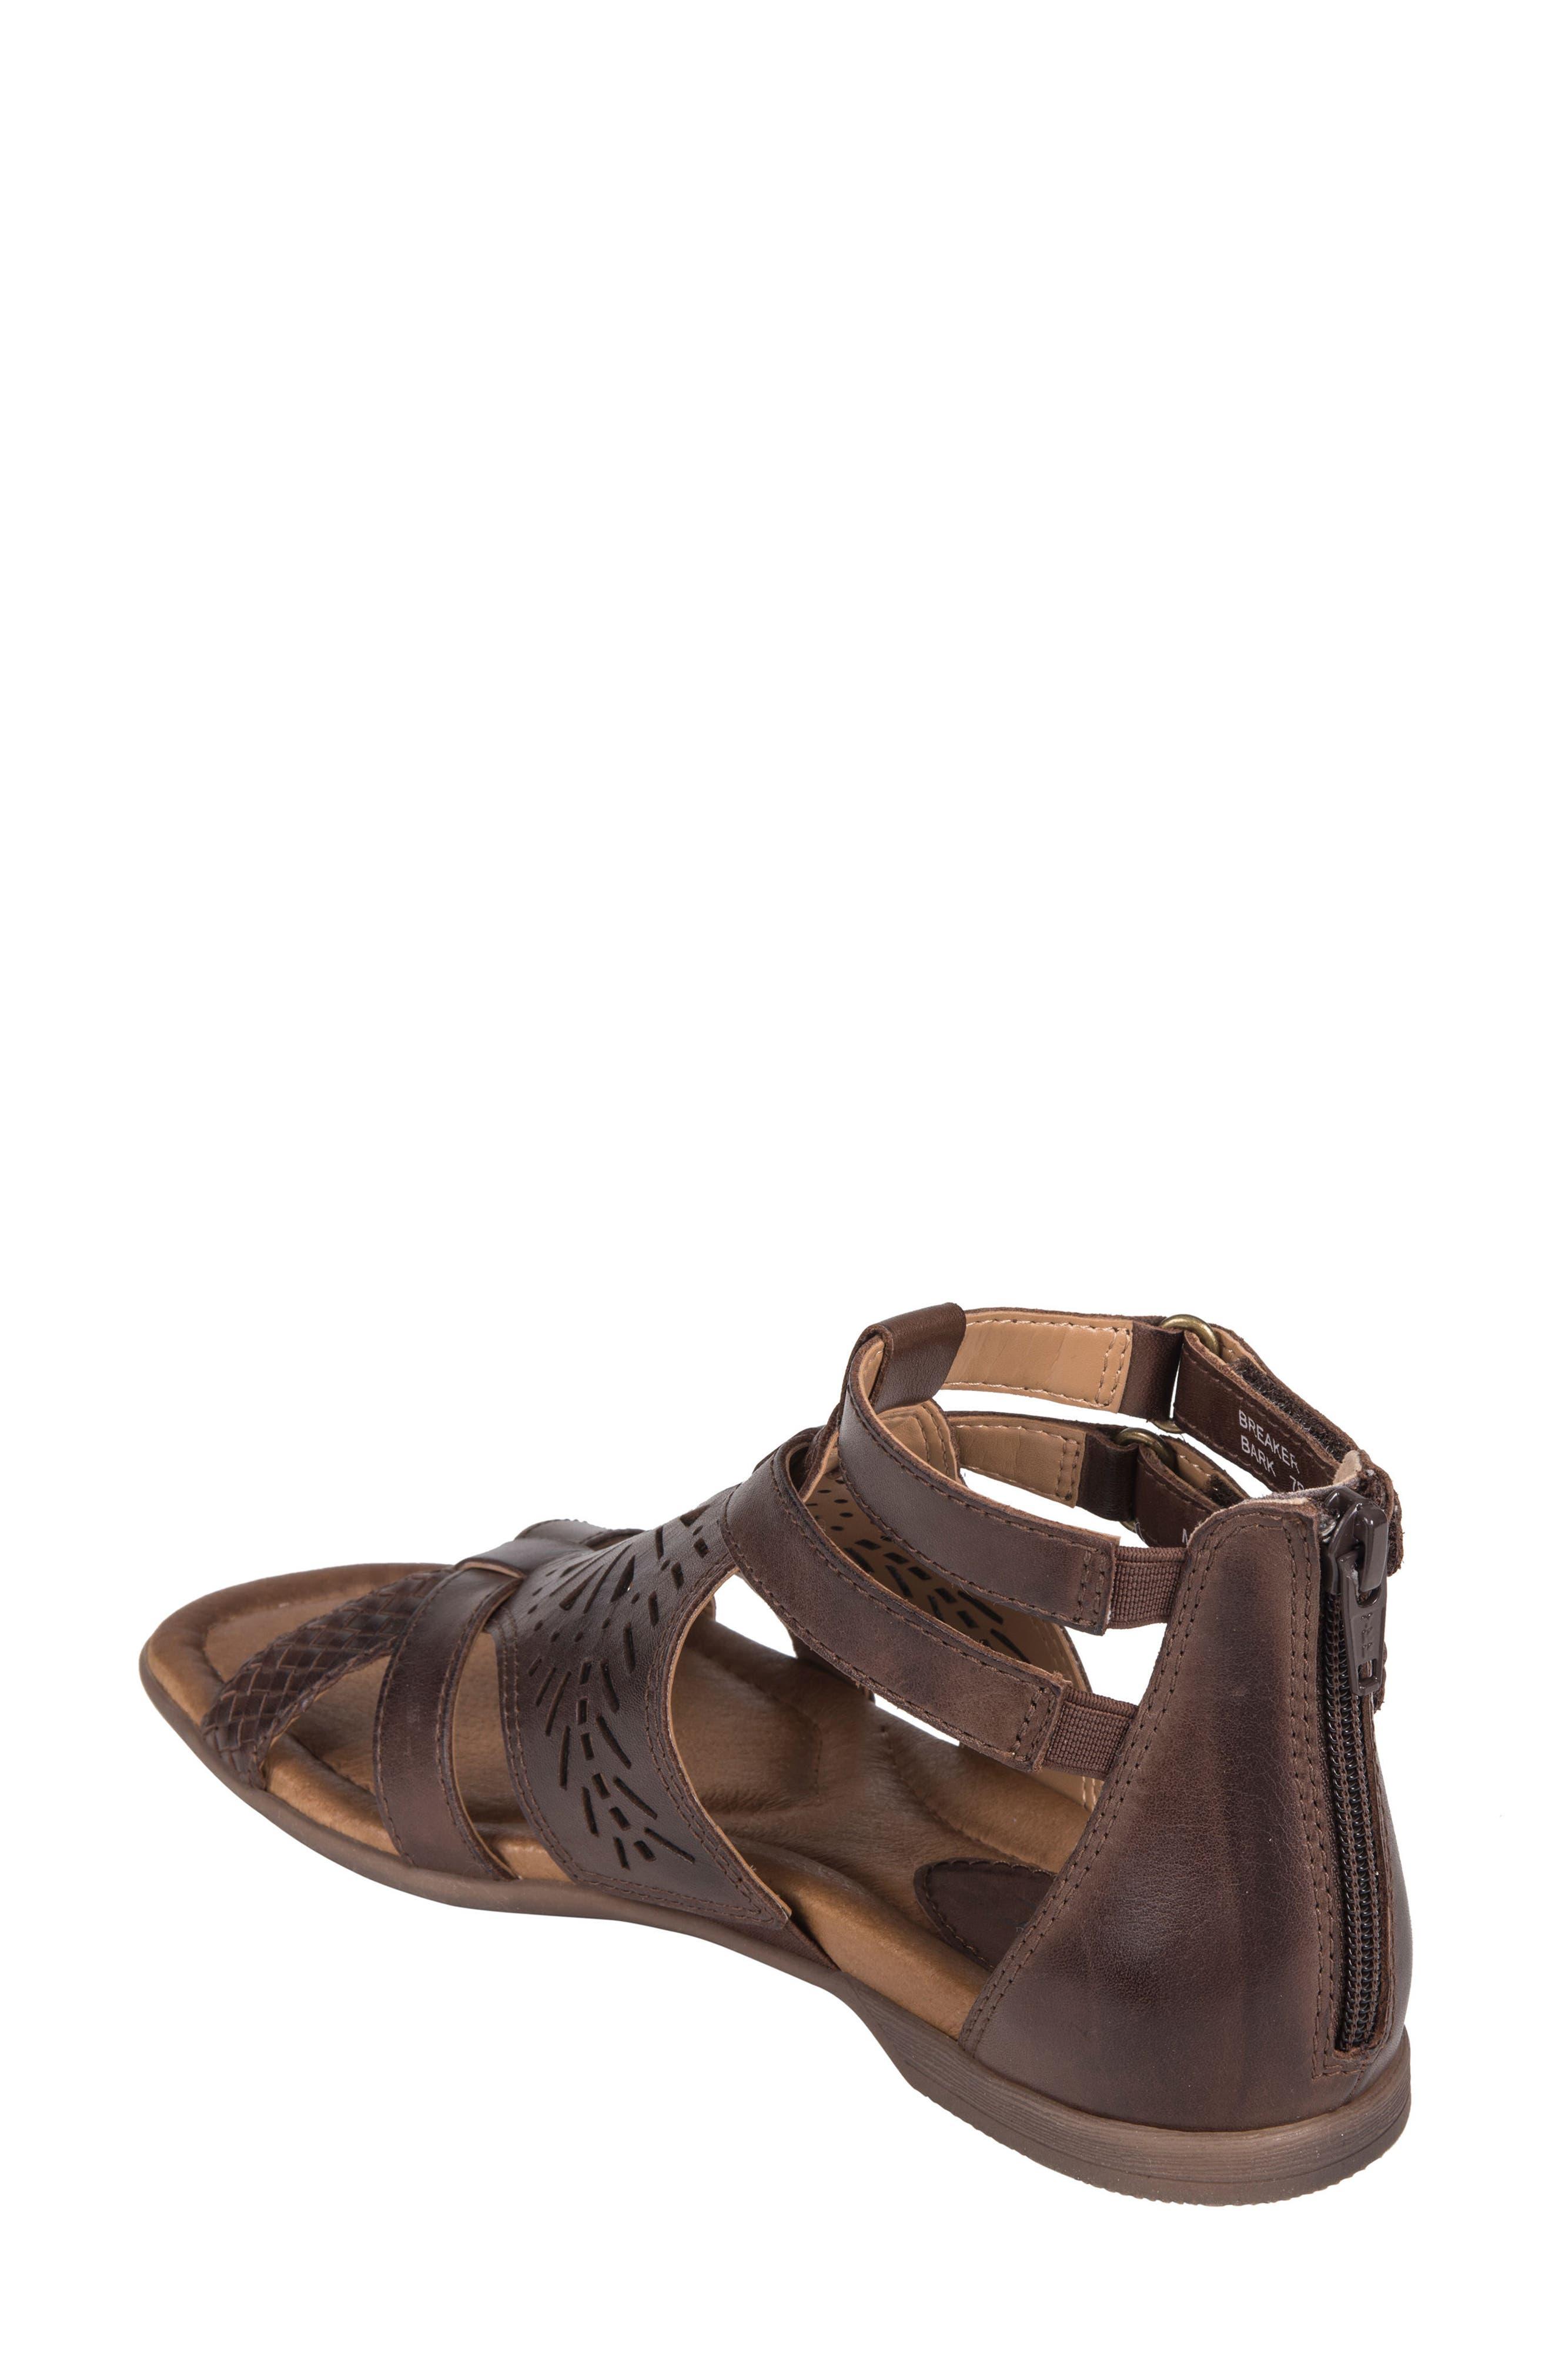 Alternate Image 2  - Earth® Breaker Sandal (Women)